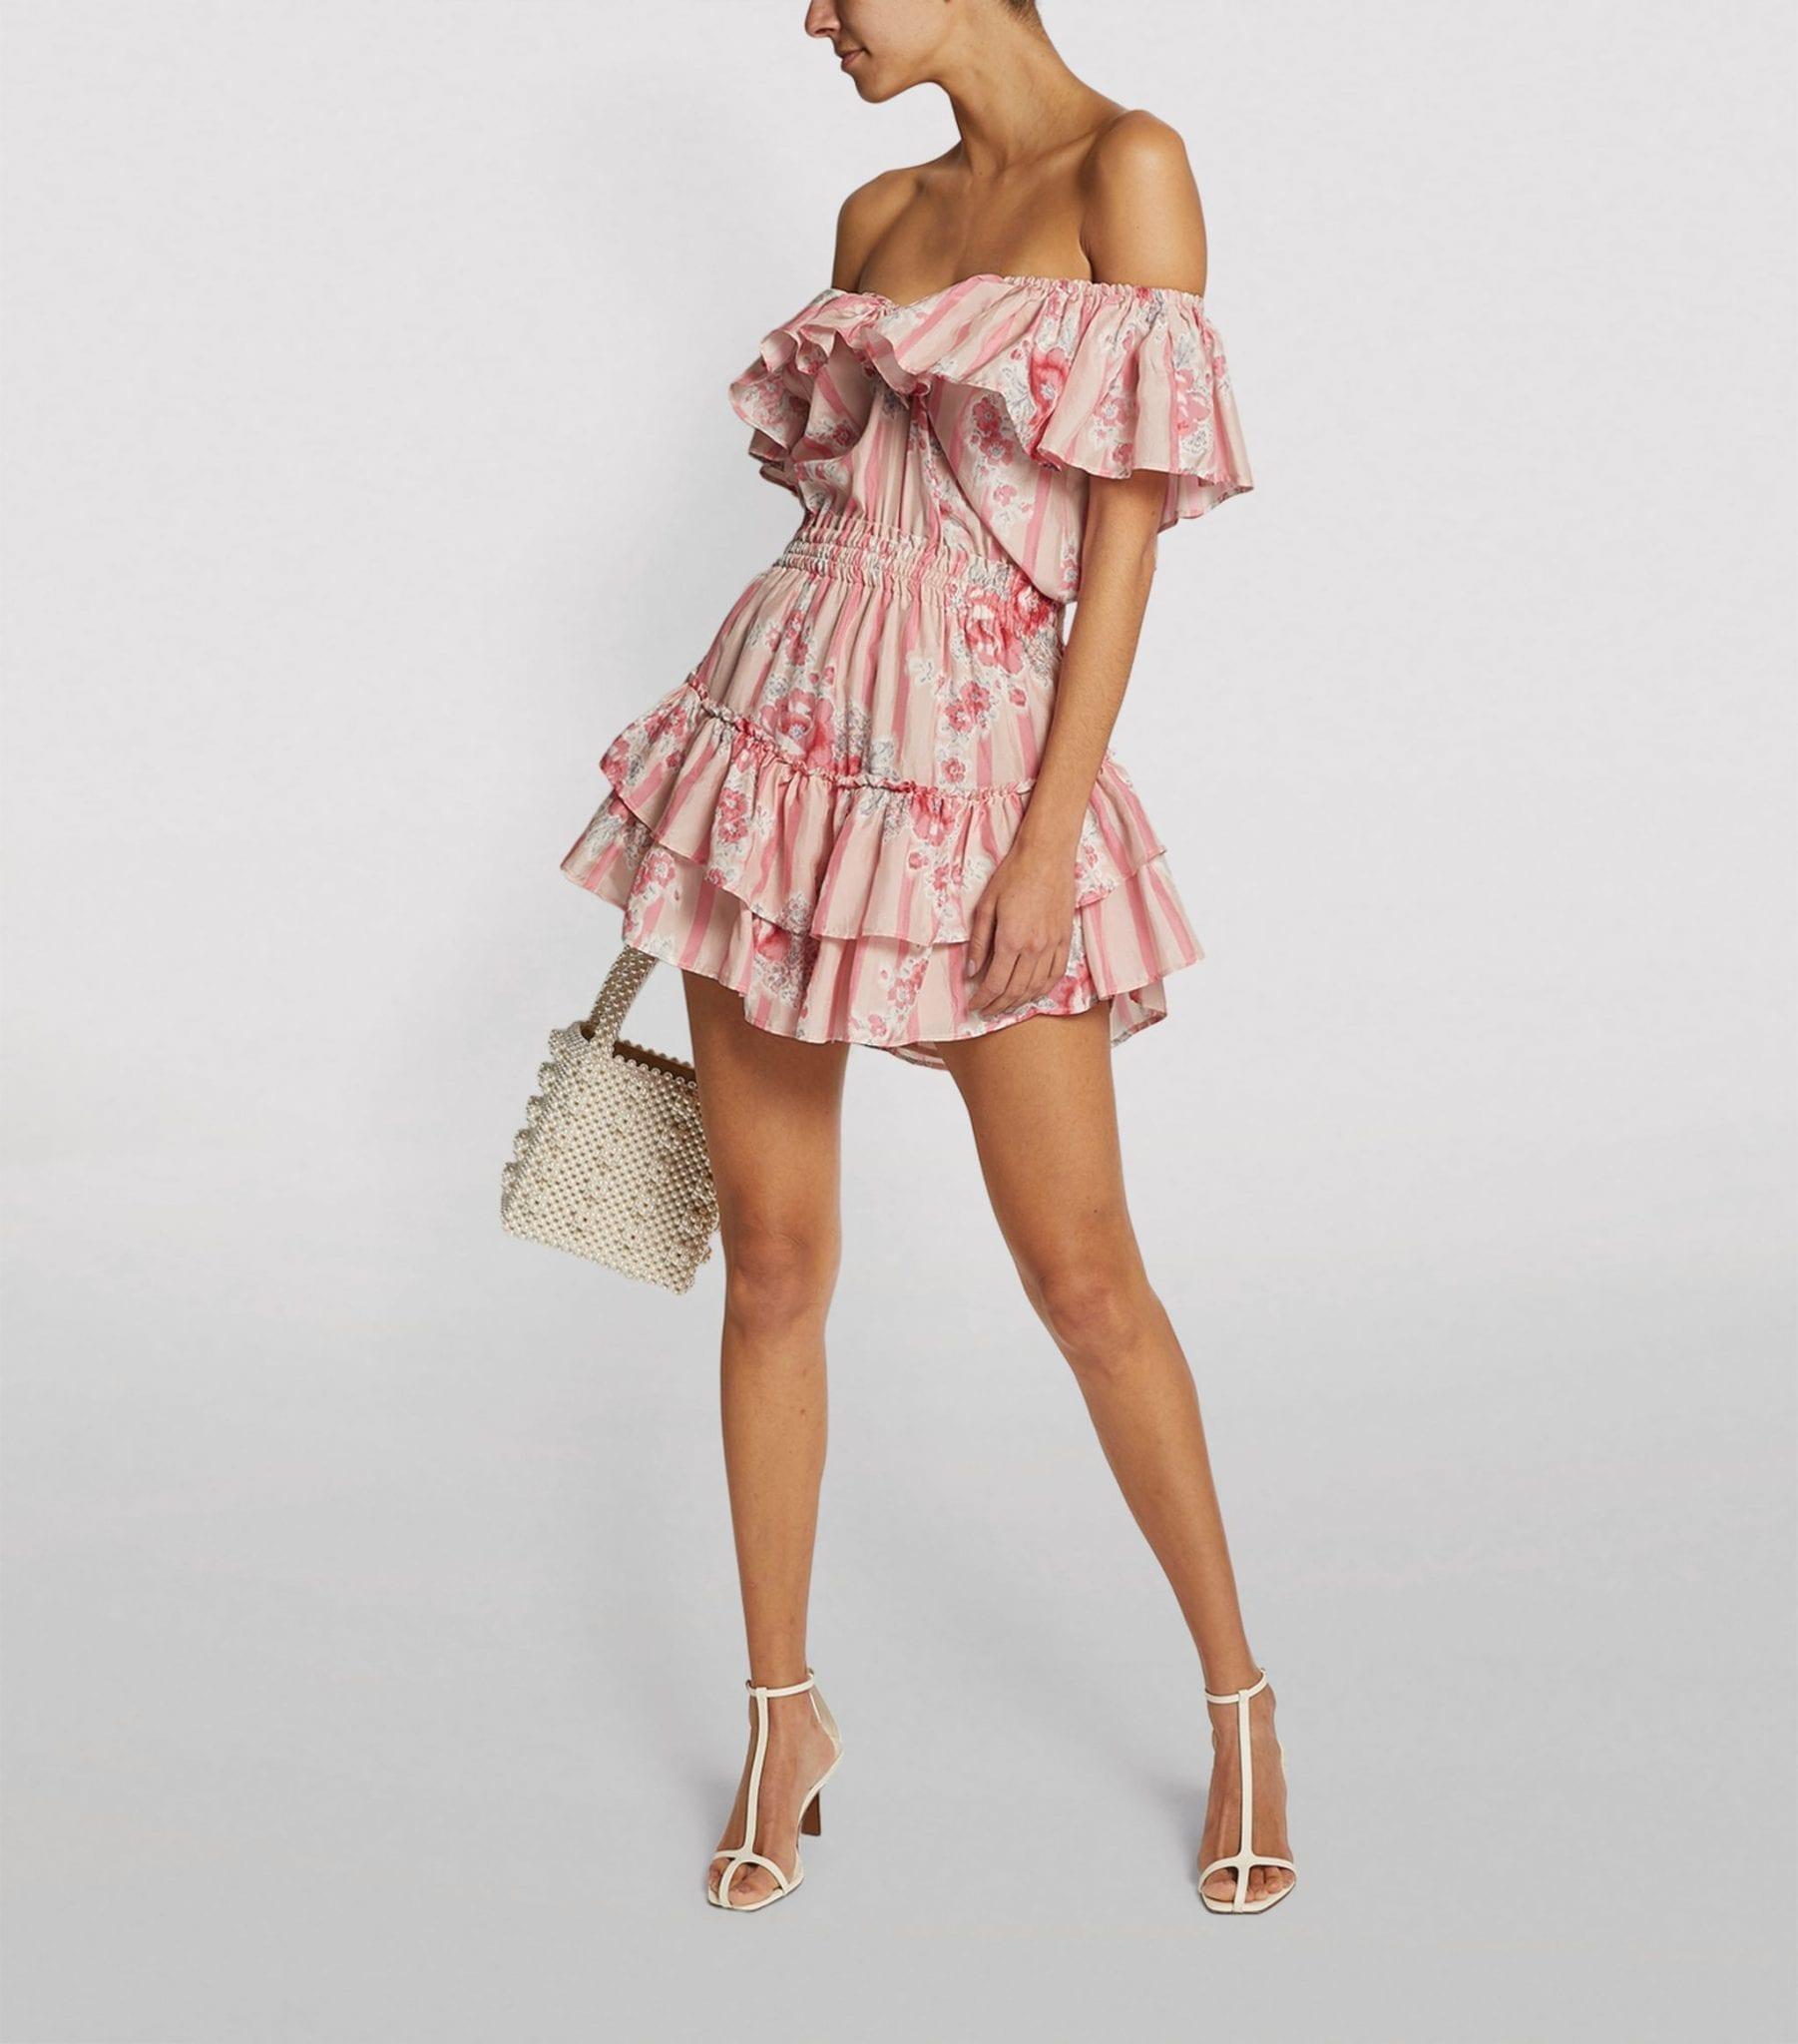 LOVESHACKFANCY Silk Dessie Ruffle Dress